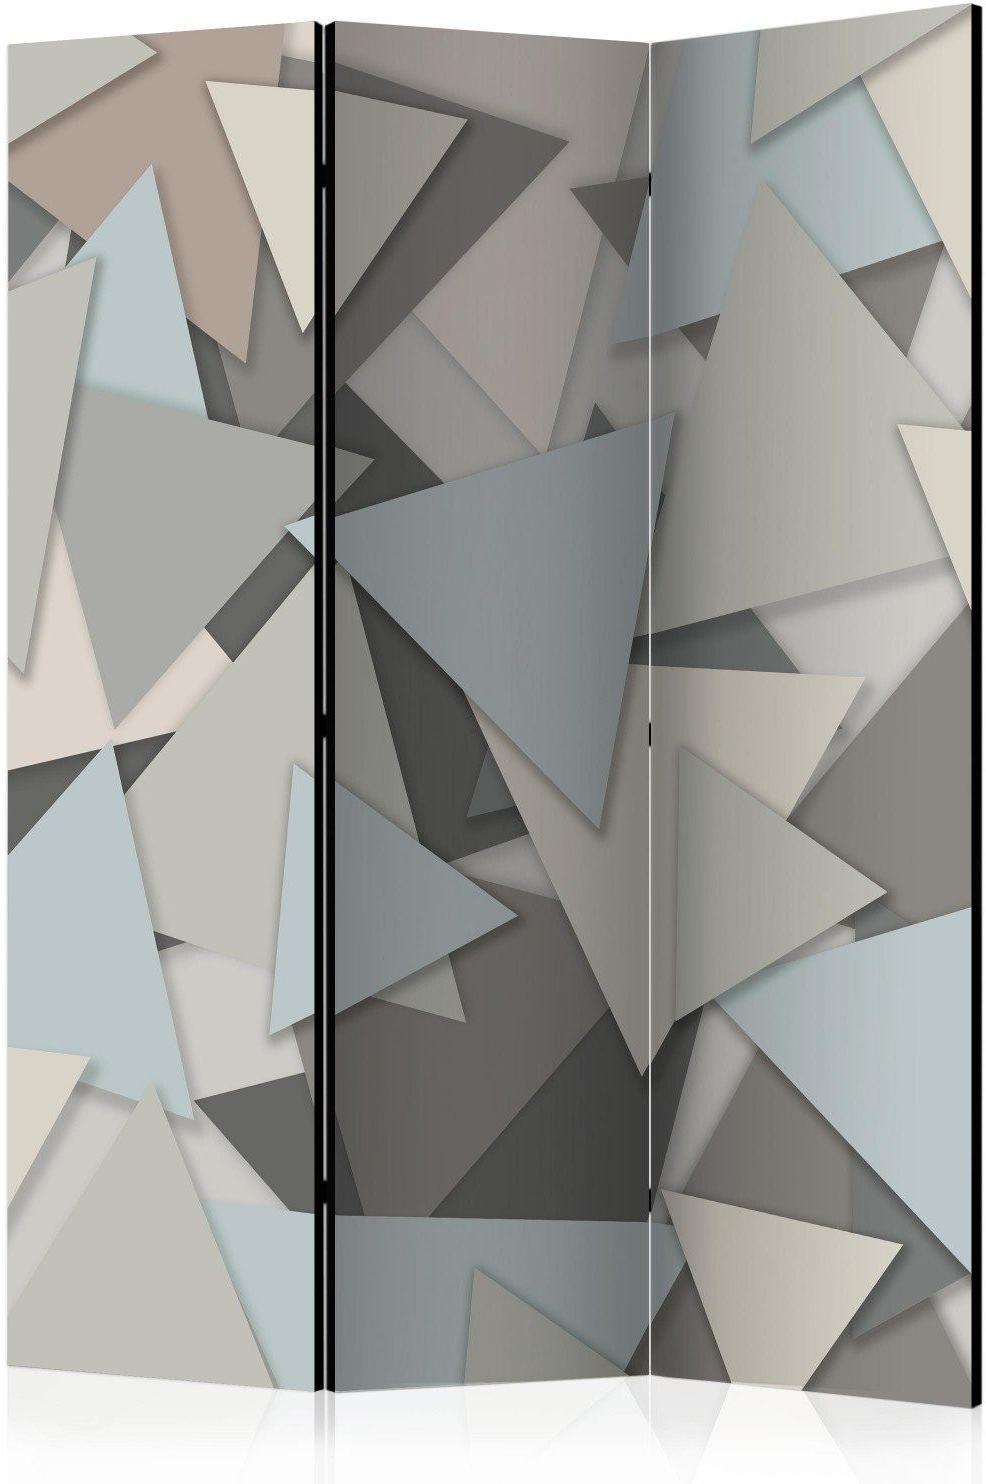 Parawan 3-częściowy - geometryczna układanka [room dividers]